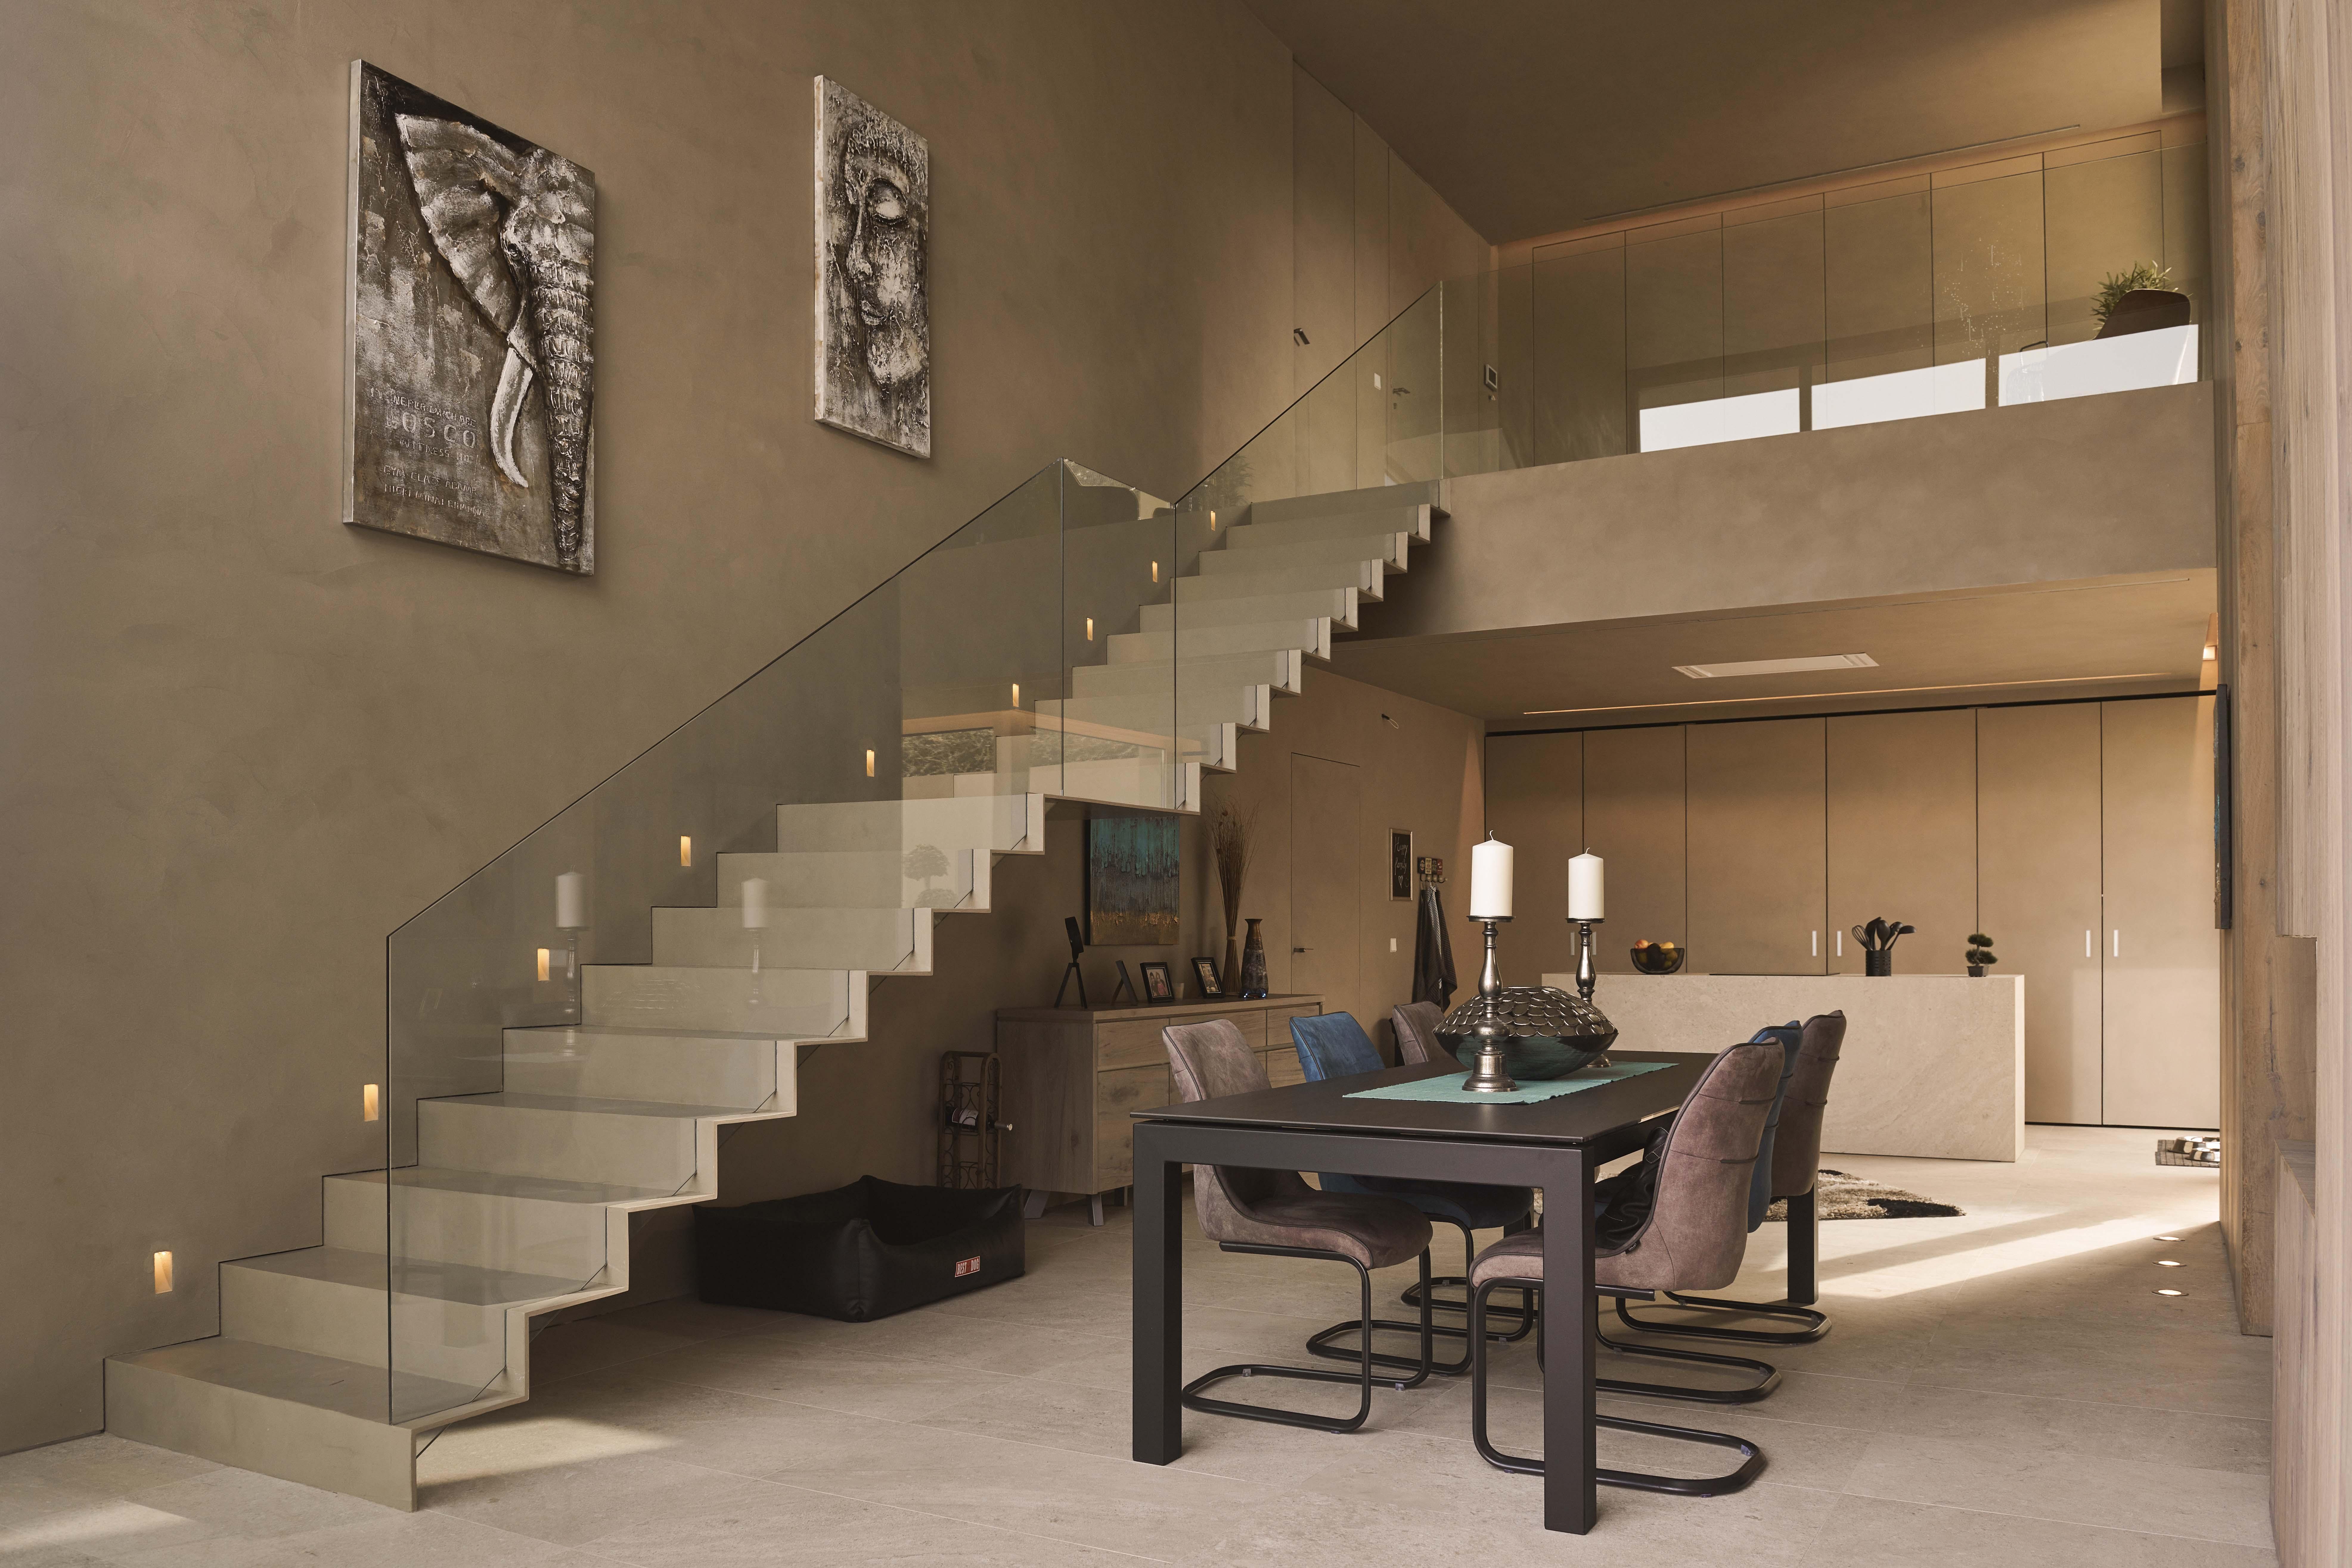 Inalco-maarquitectura-Villa-Caliza_4